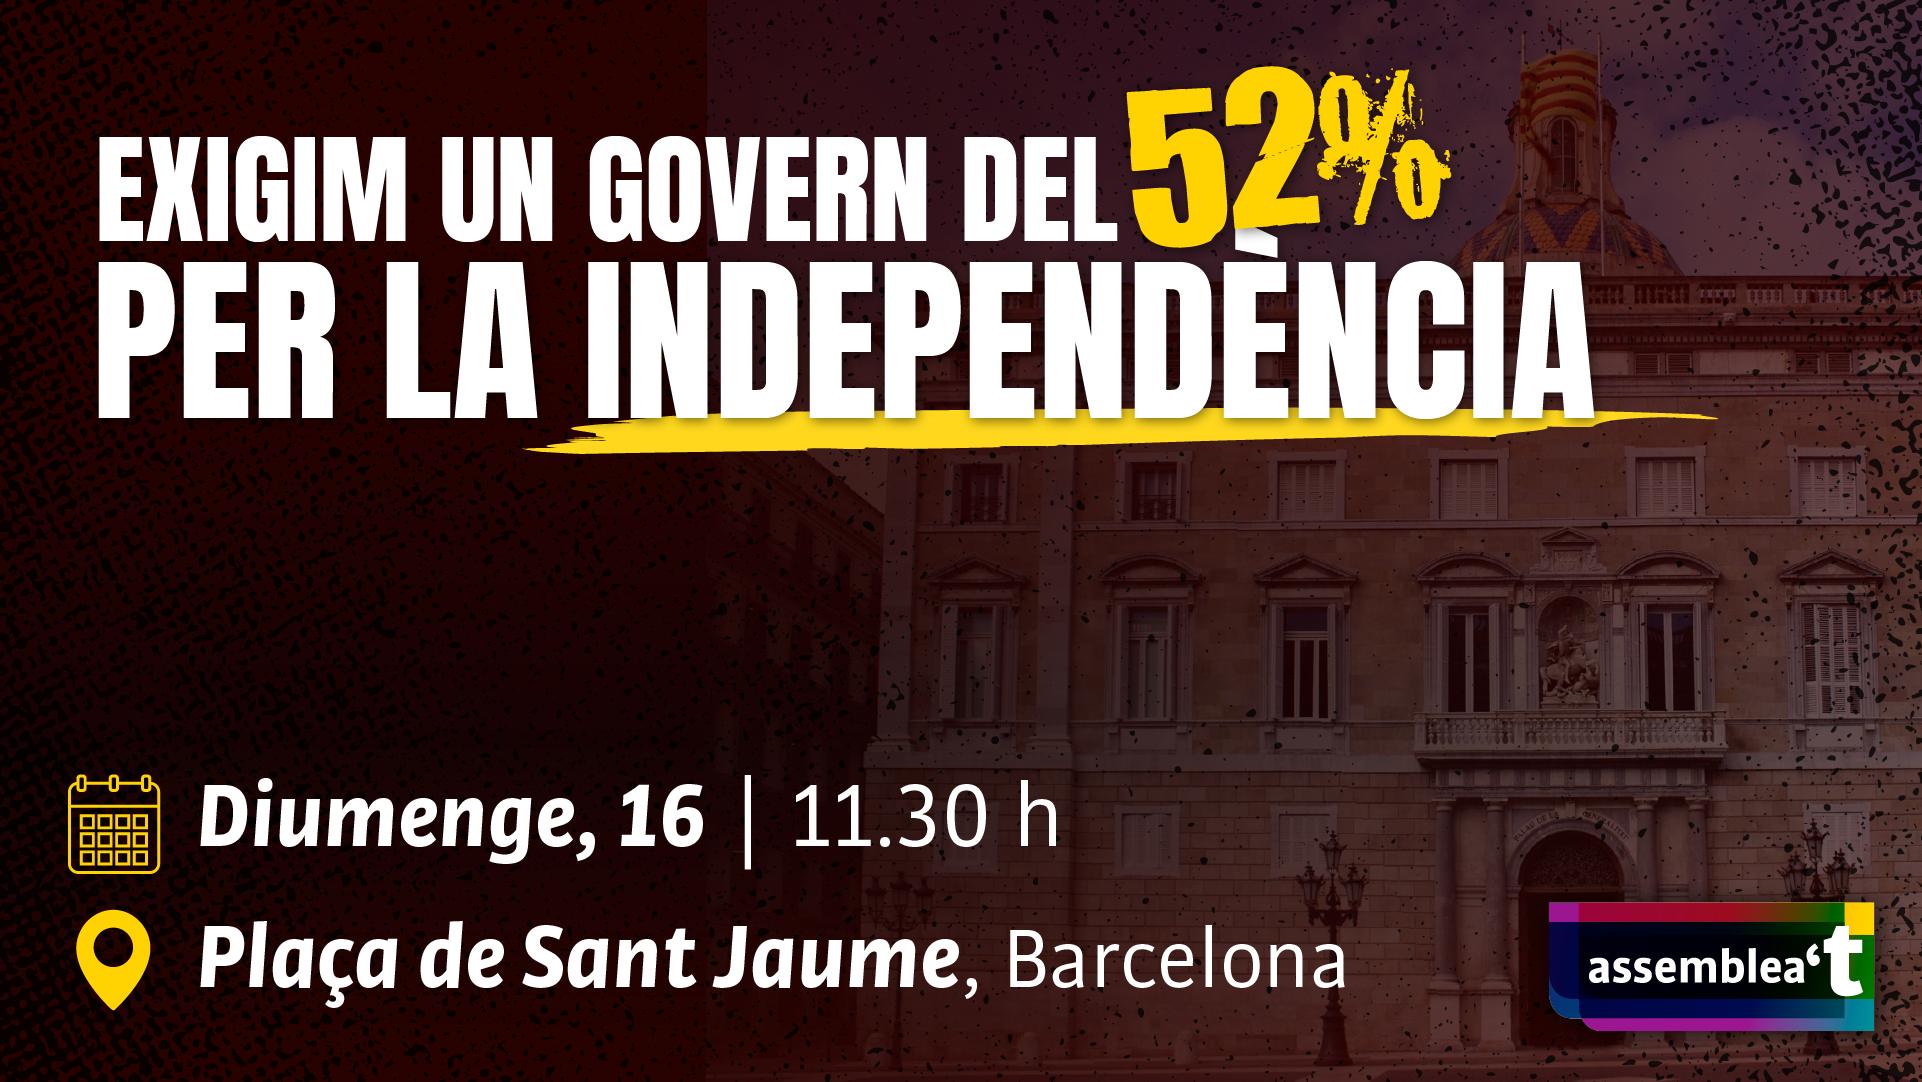 Exigim un Govern del 52% per la independència!